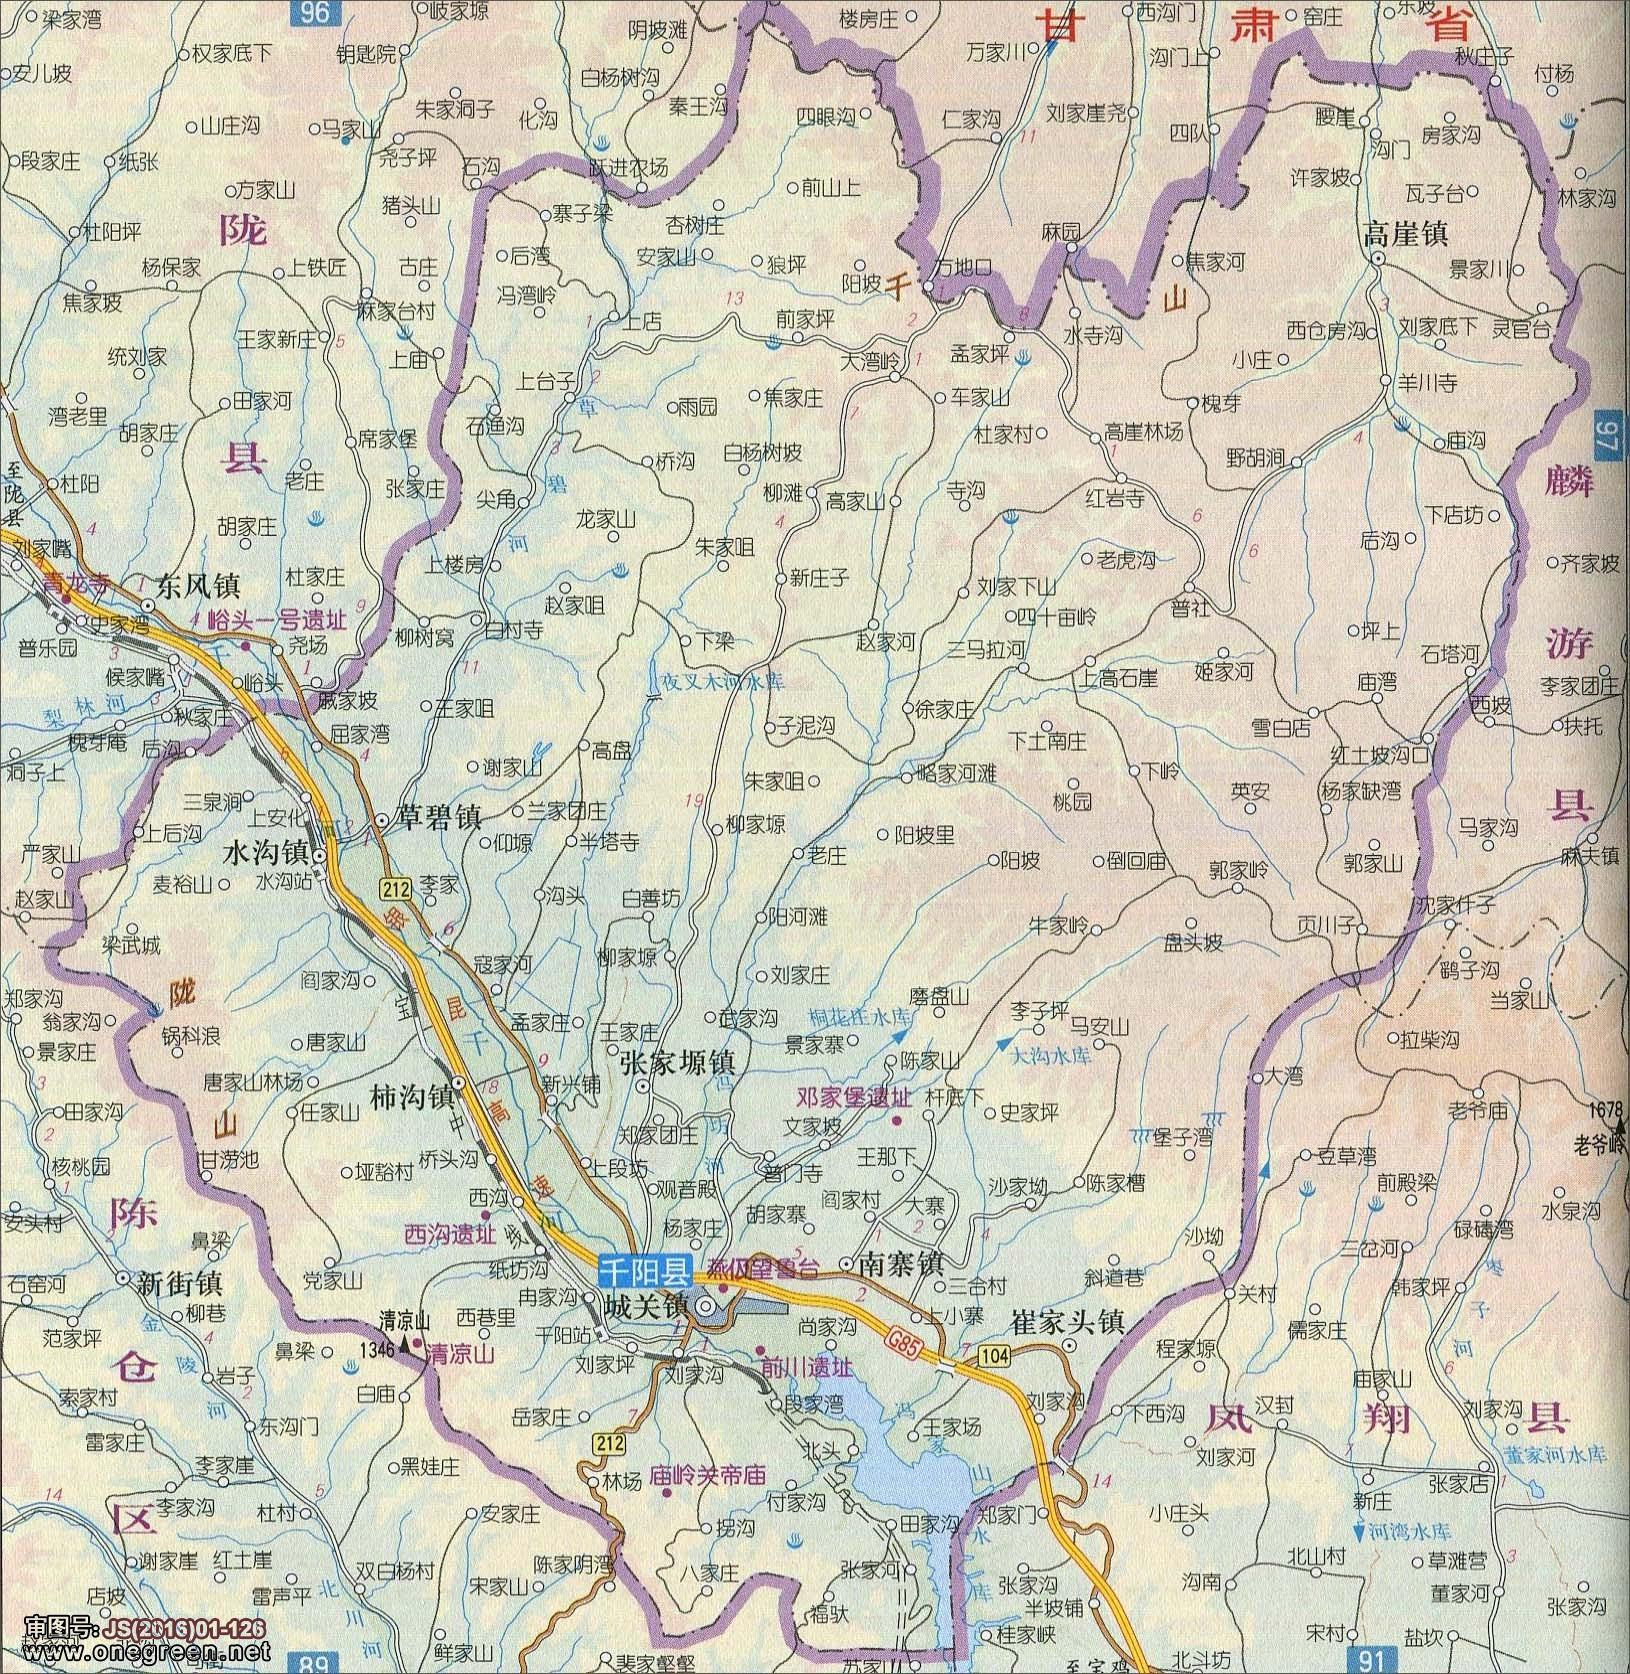 千阳县地图